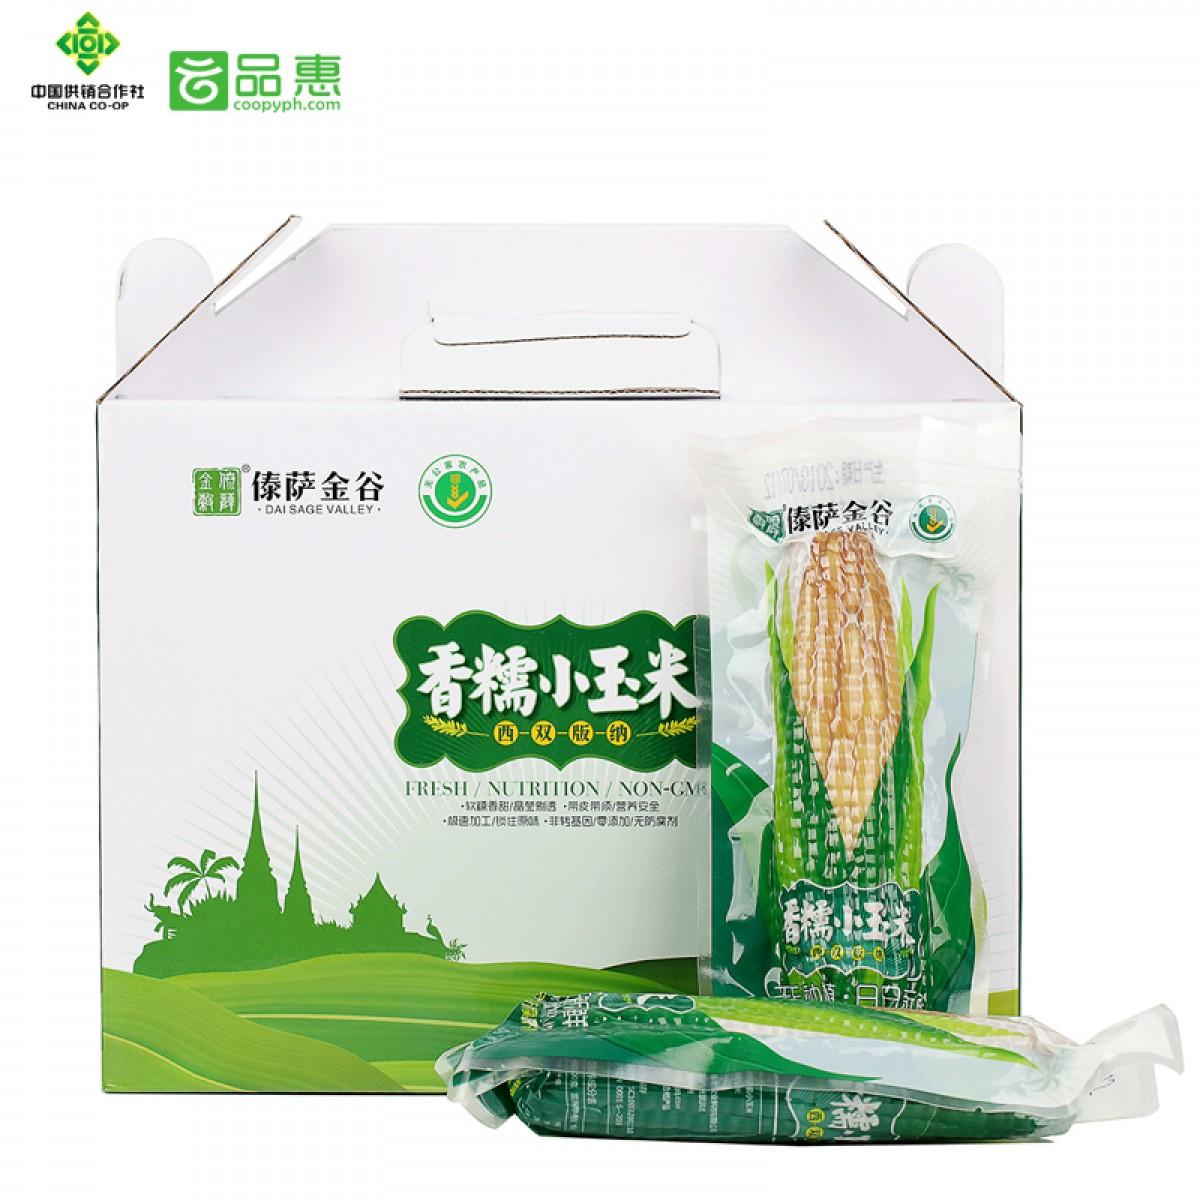 西双版纳甜糯小玉米礼盒装4斤